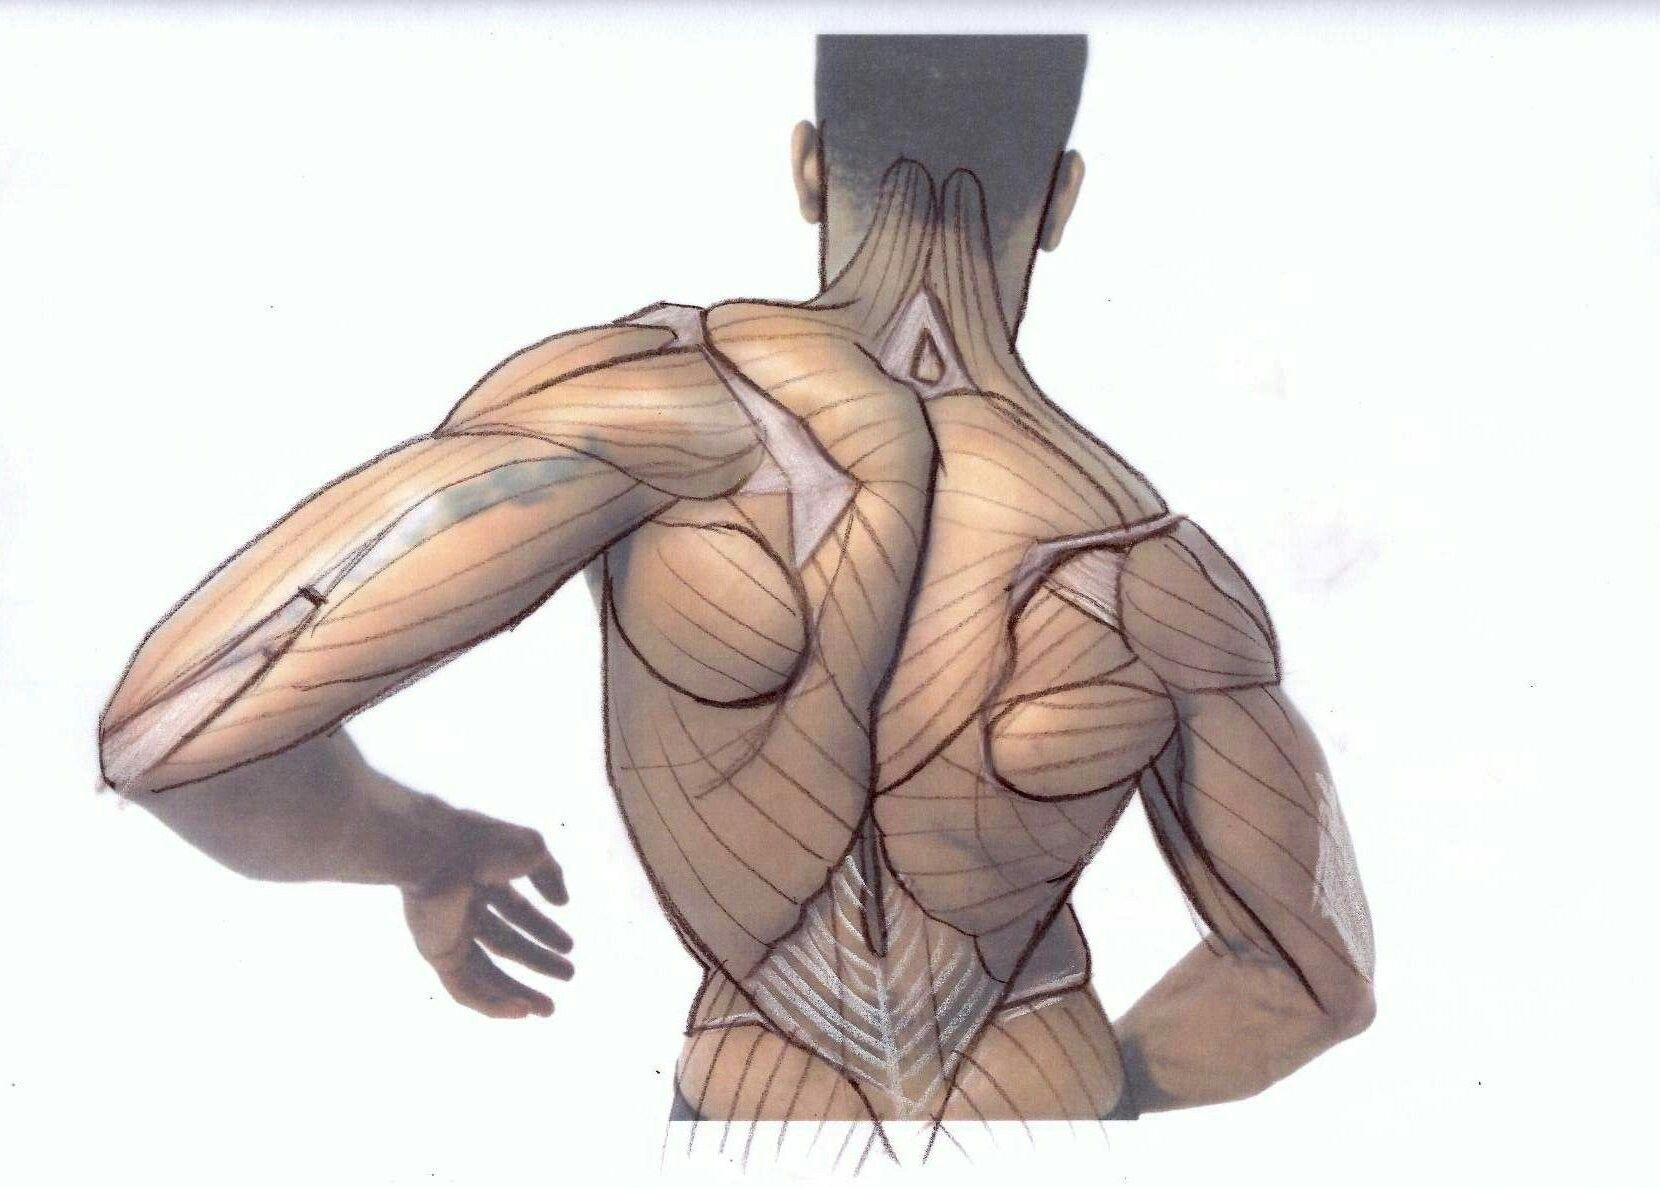 Pin de Alejandro Sanchez en anatomy | Pinterest | Anatomía, Músculos ...